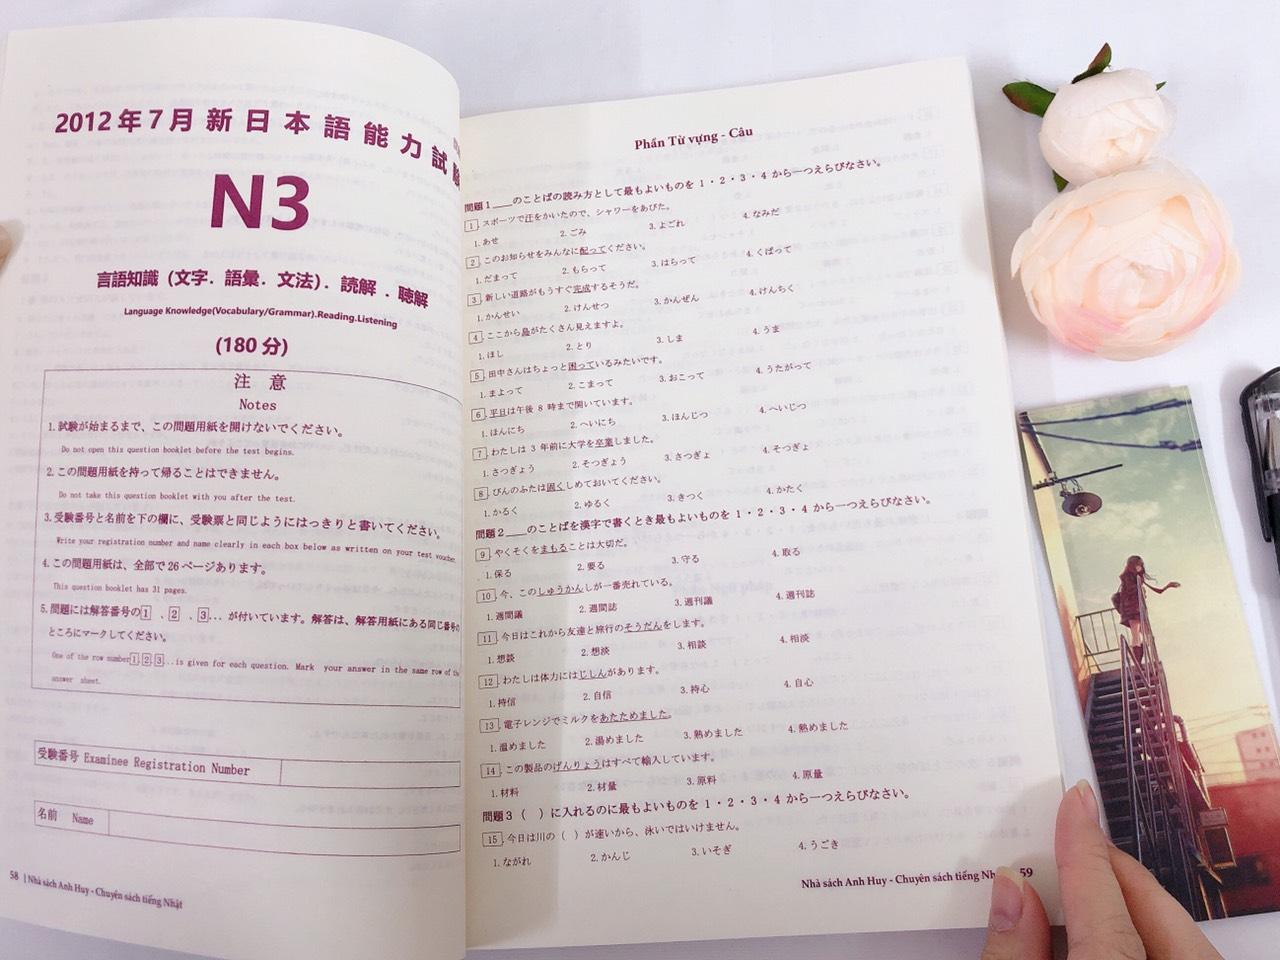 Tổng hợp đề thi chính thức N3